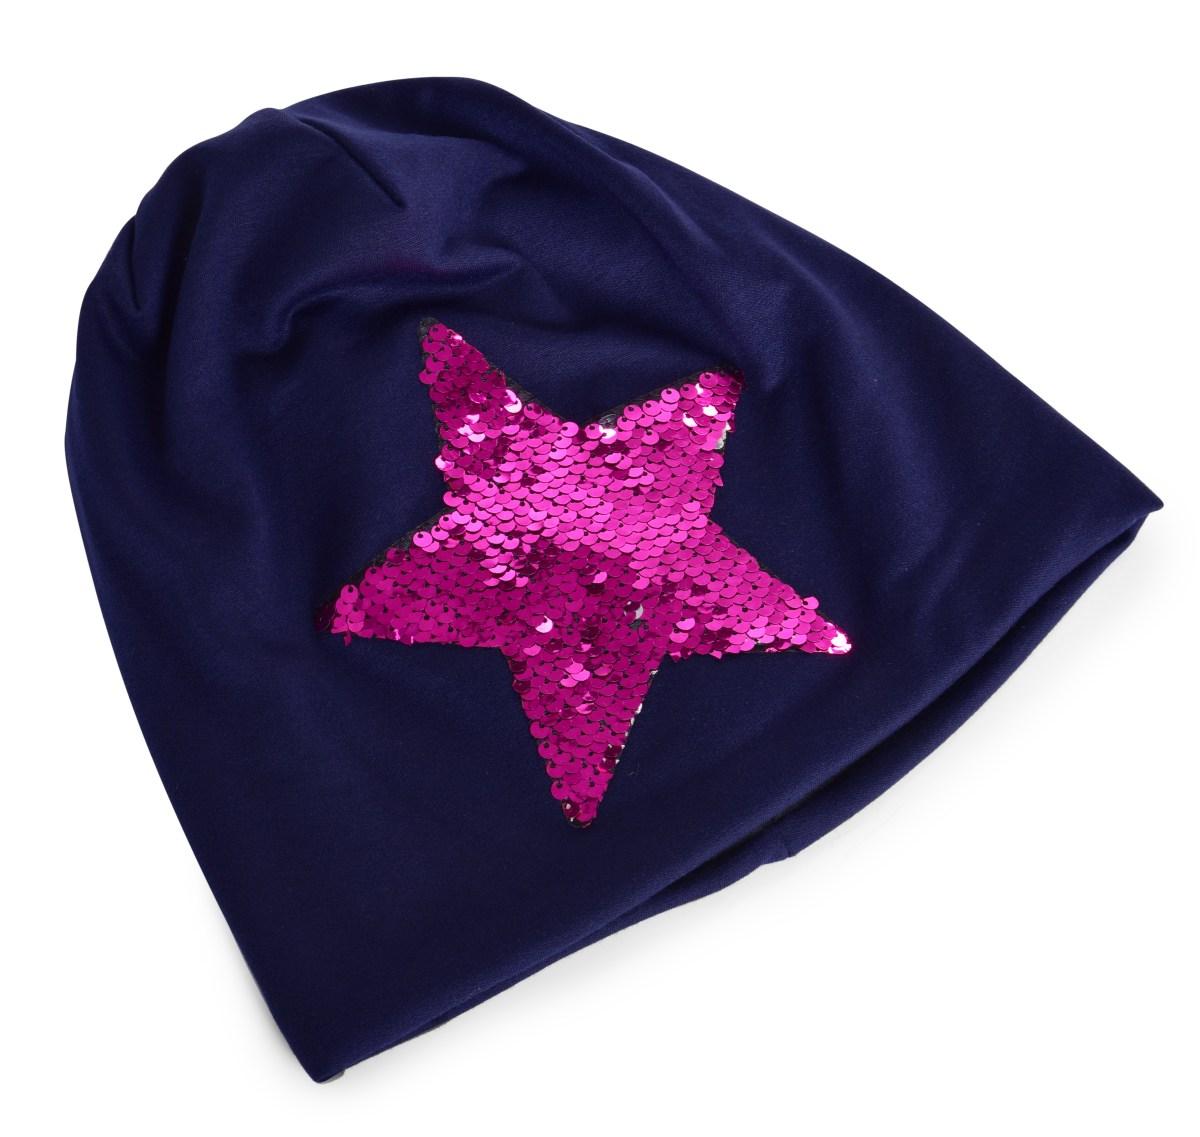 STAR 2v1 čepice s dvoubarevnou pajetkovou hvězdou